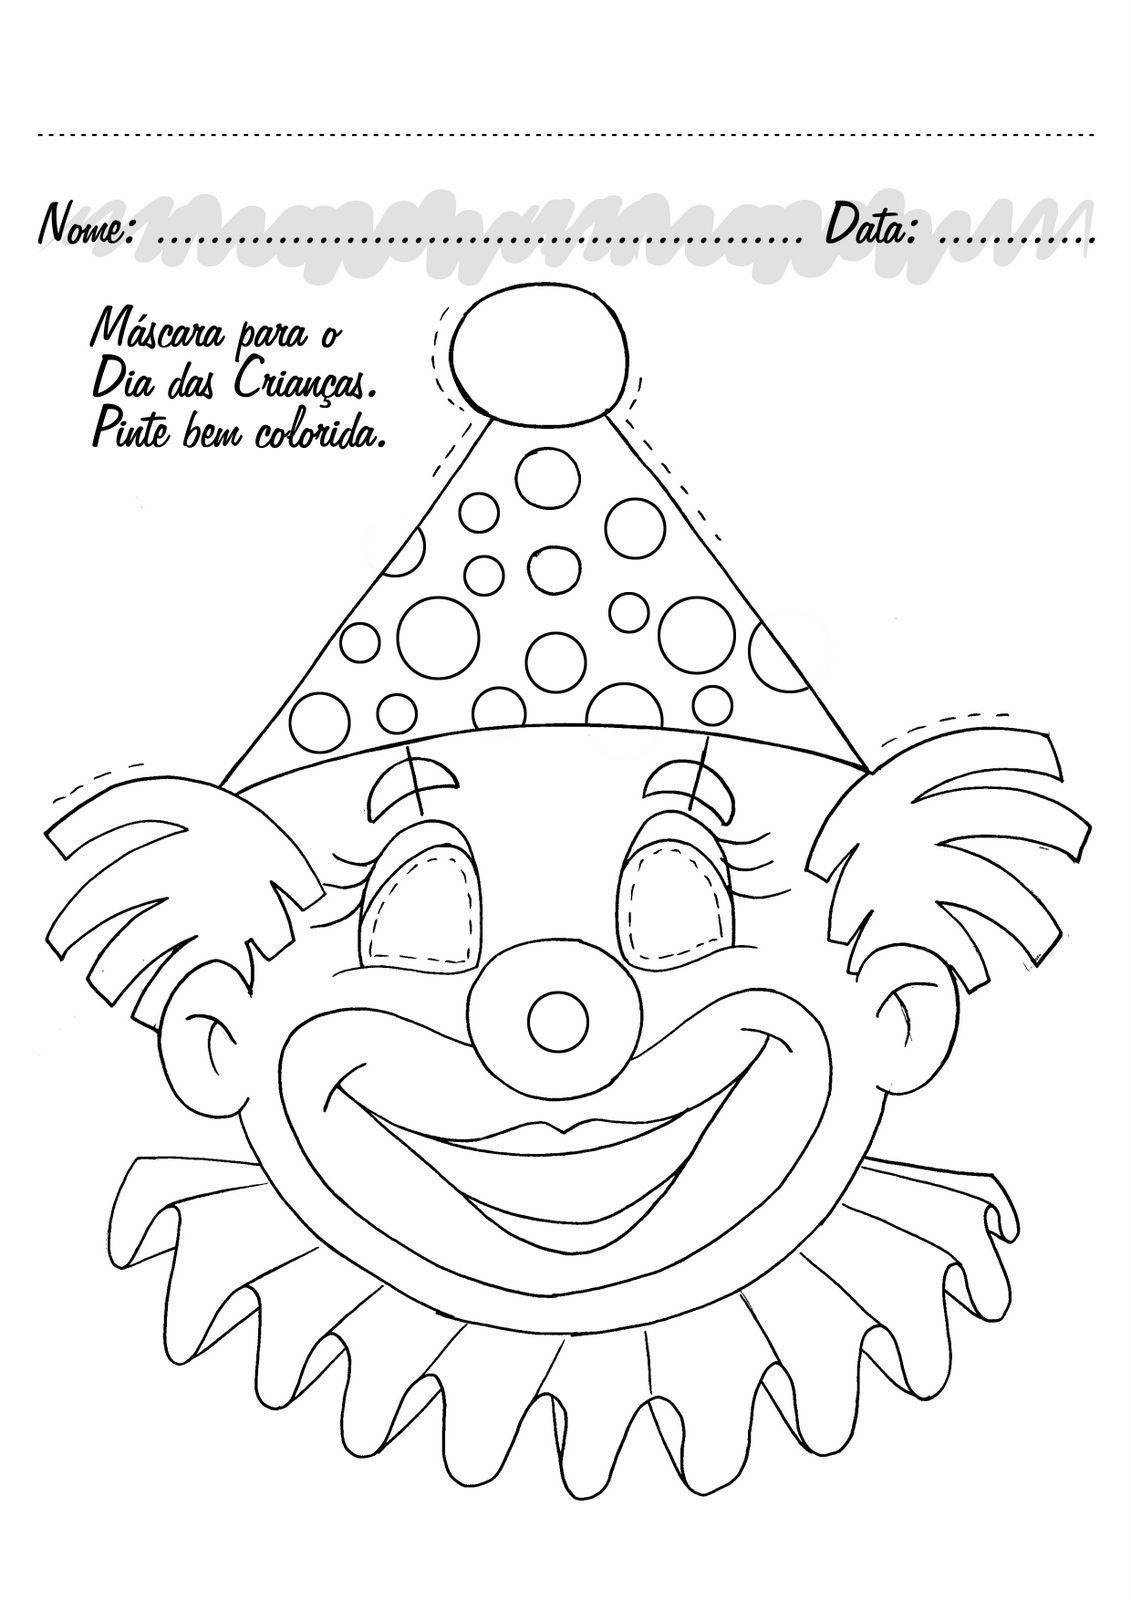 Actividades de carnaval, dibujos colorear, carnaval colorear ...